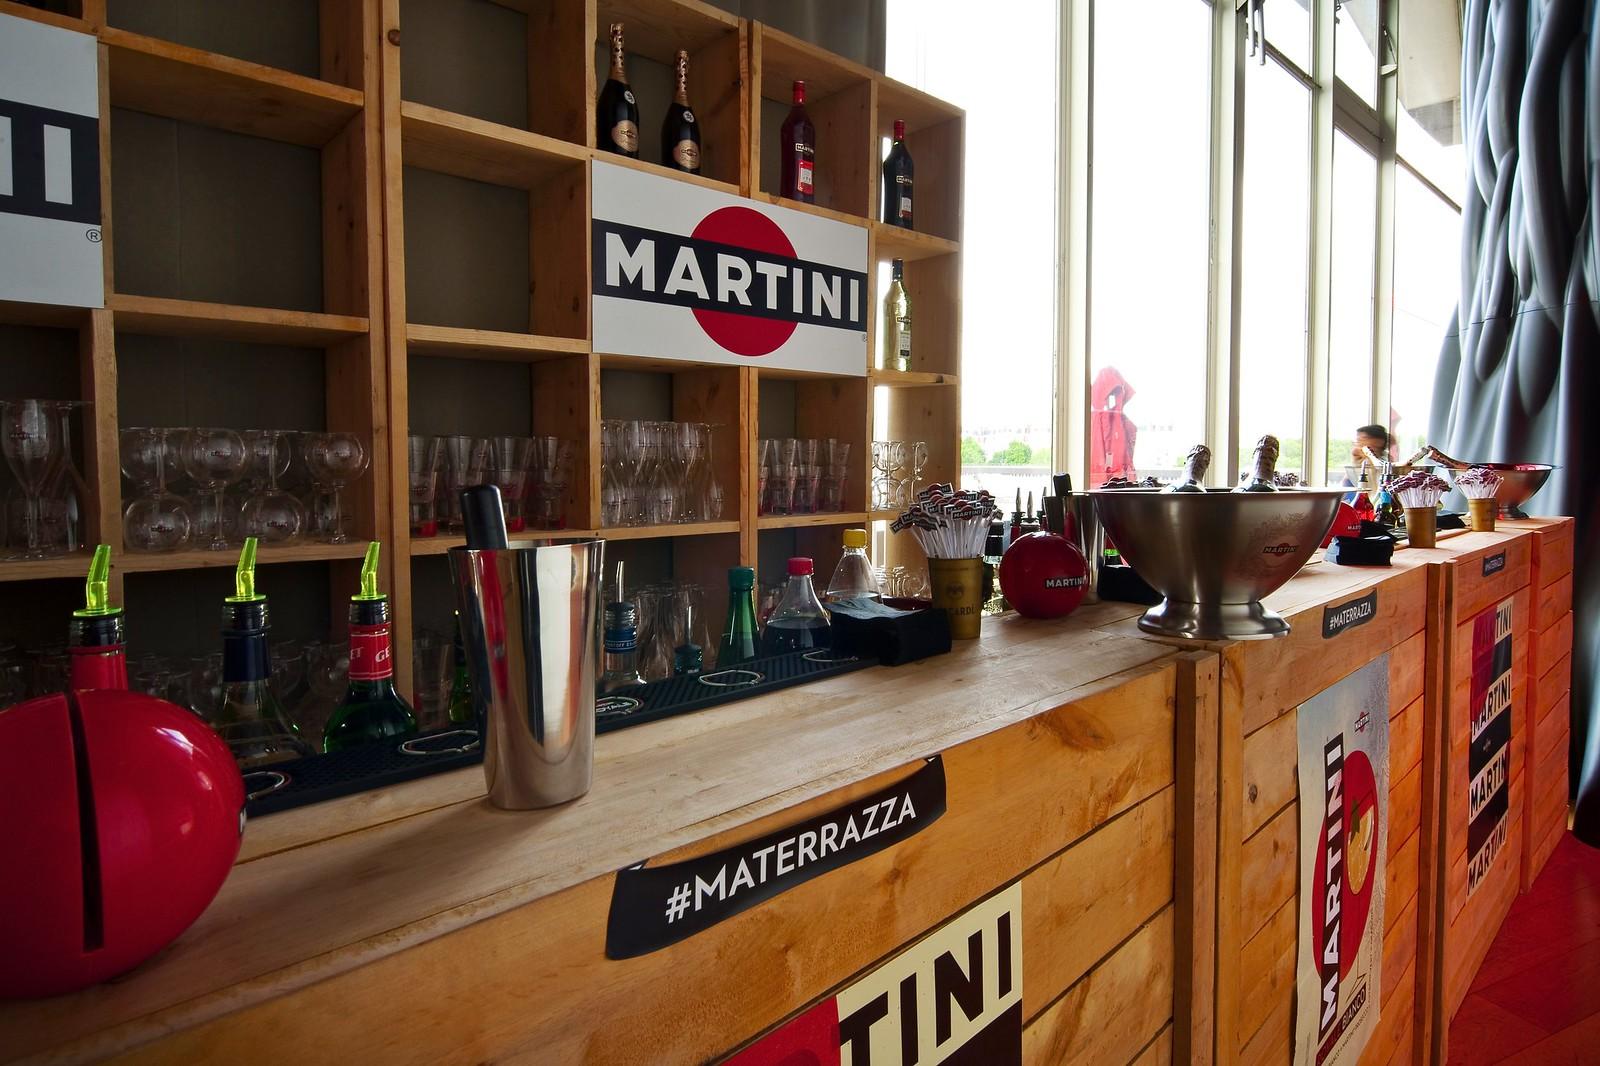 Martini Terrazza